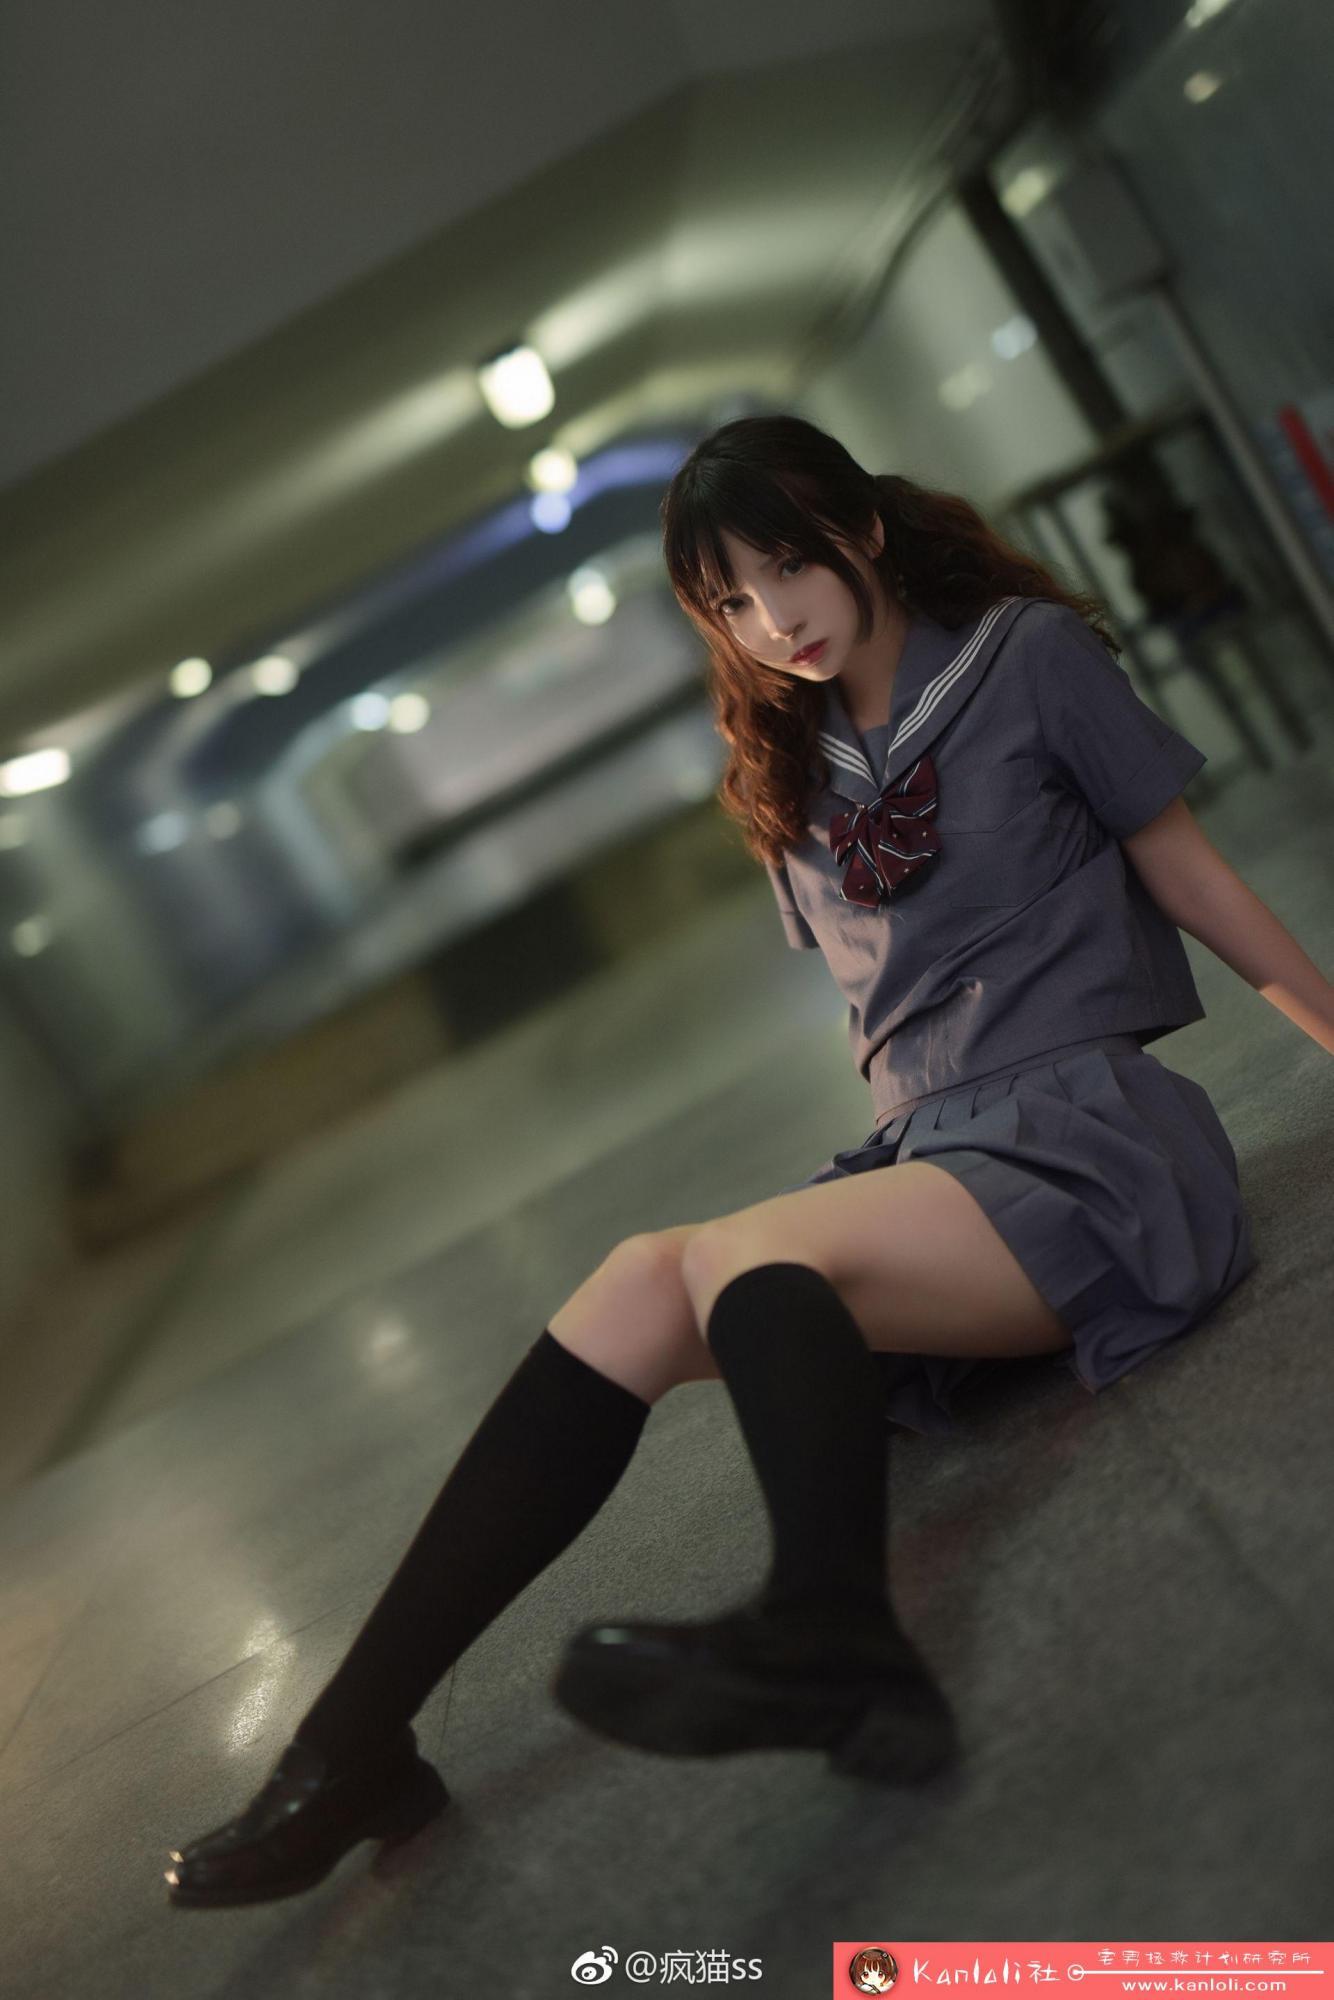 【疯猫ss】疯猫ss写真-FM-012 地下通道的阳光 [9P]